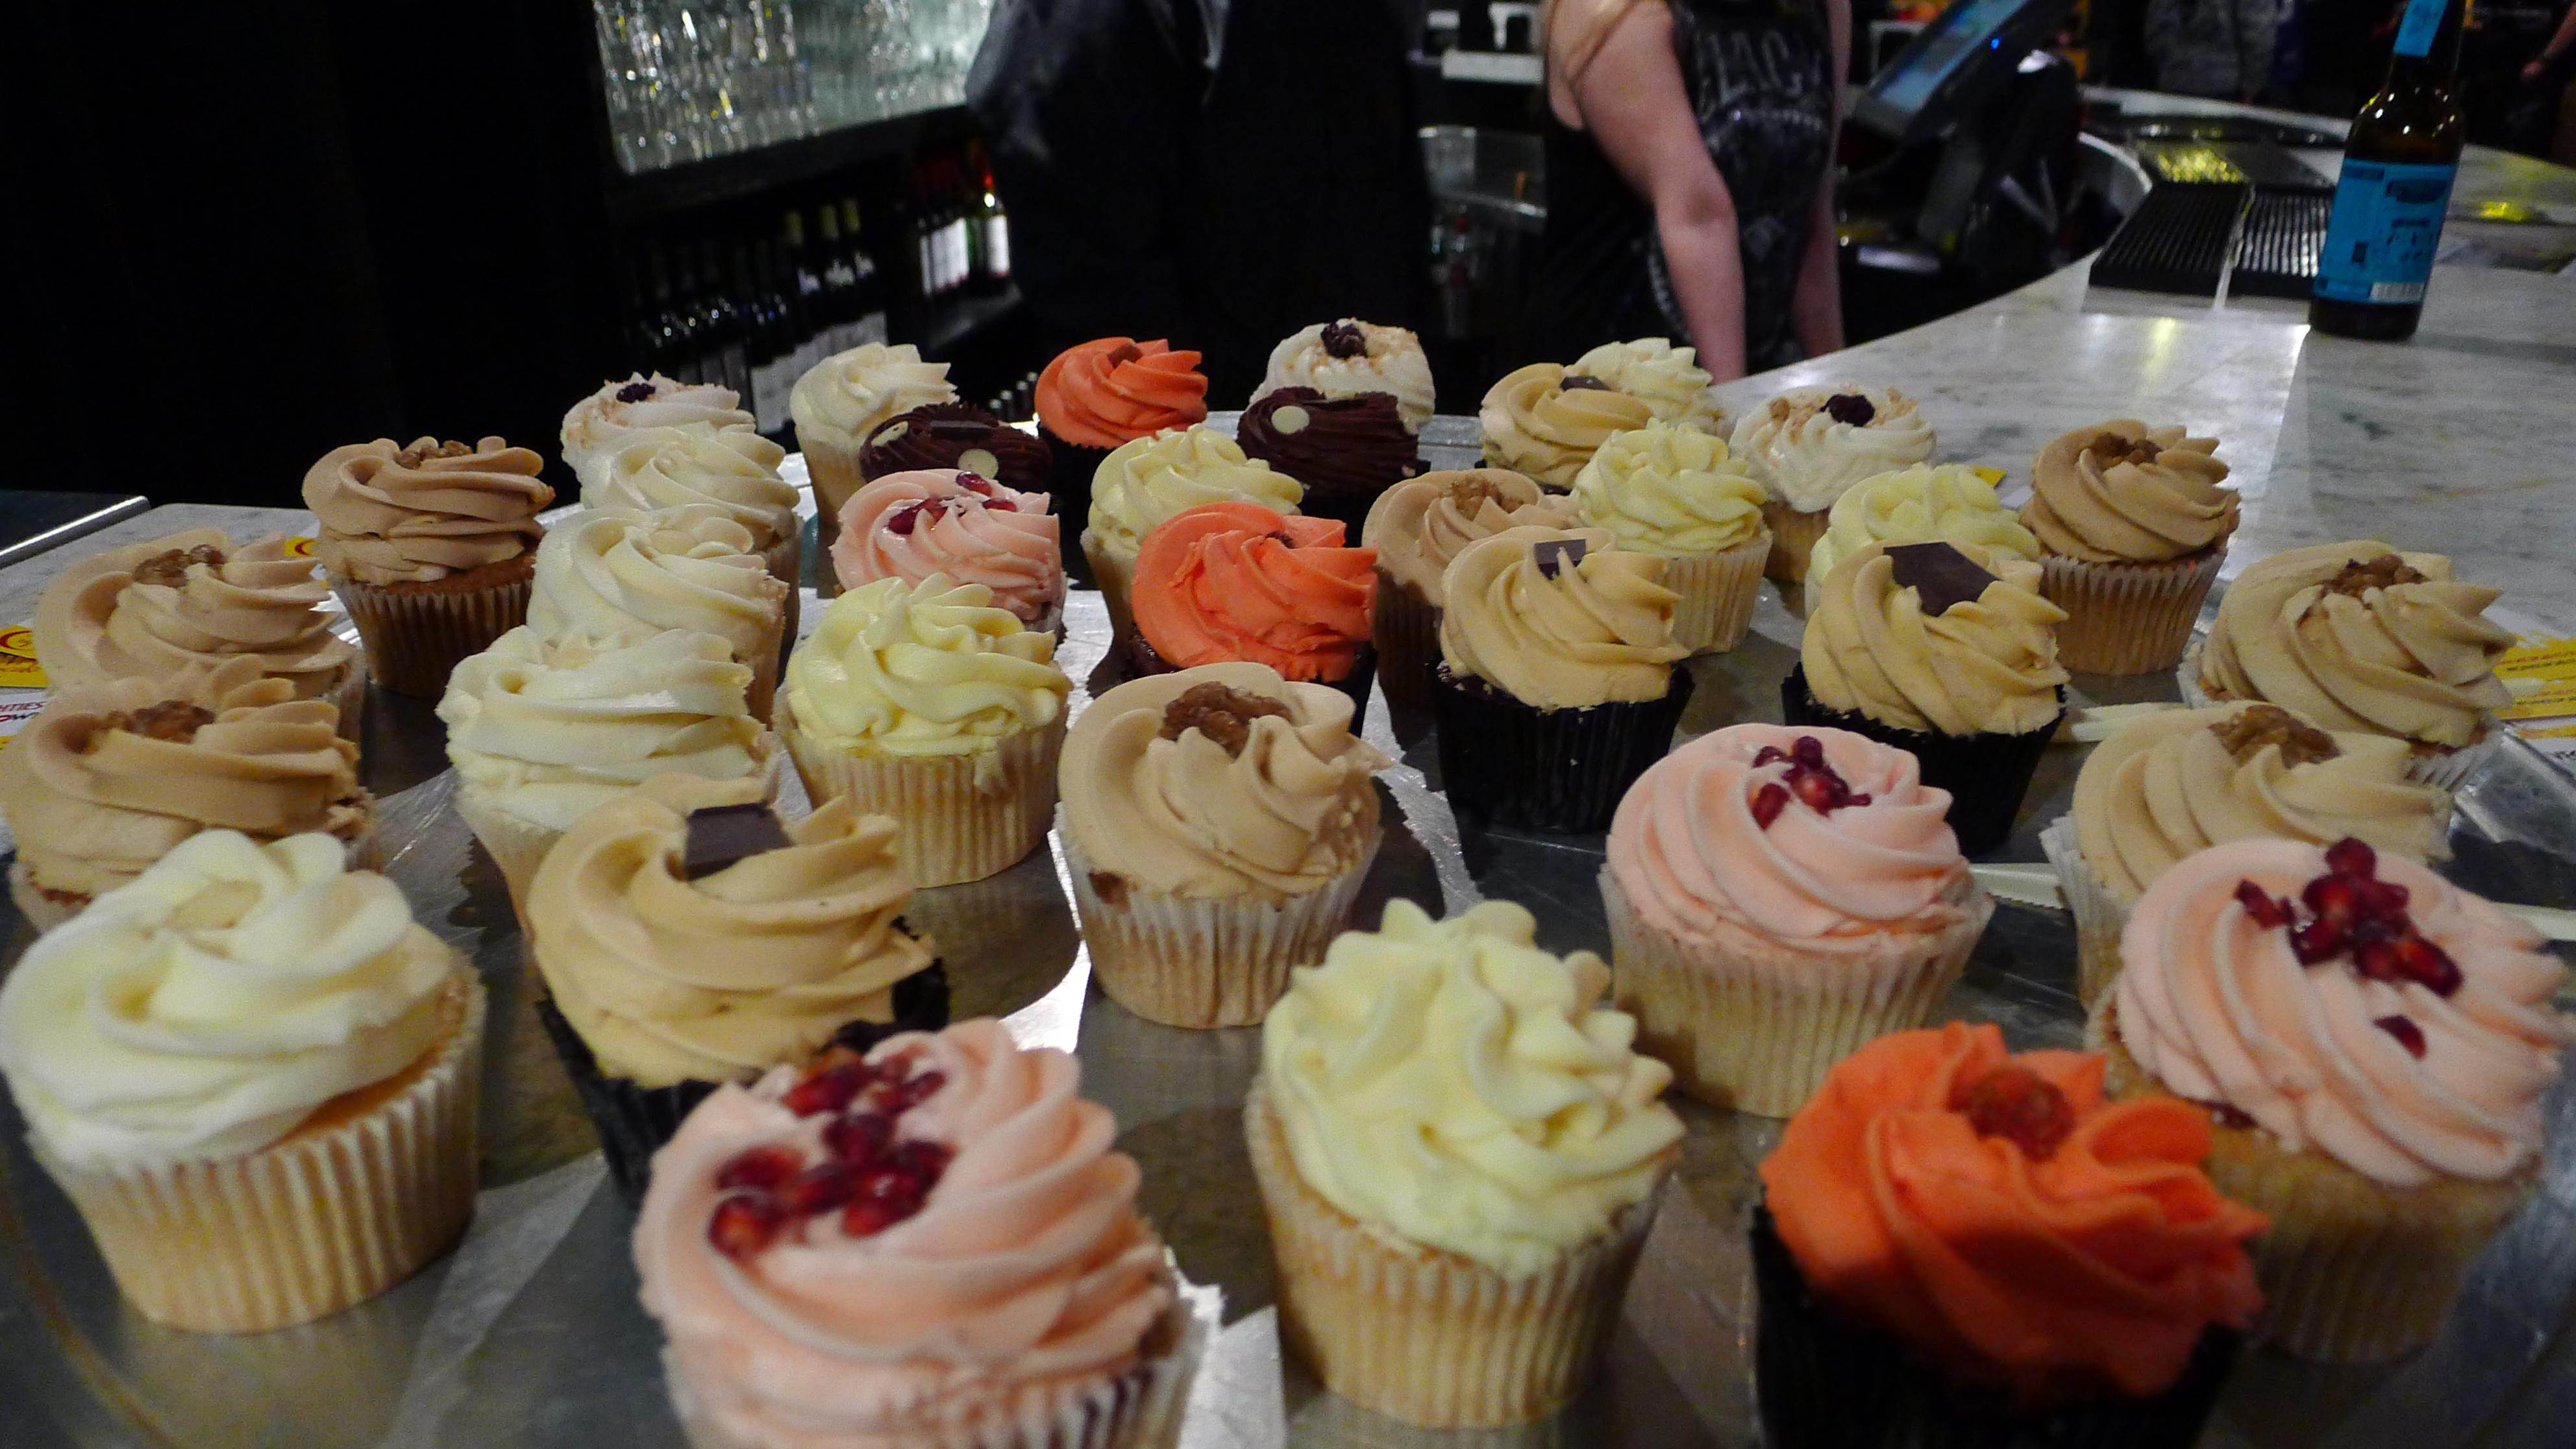 https://i2.wp.com/fatgayvegan.com/wp-content/uploads/2013/01/cupcakes.jpg?fit=3968%2C2232